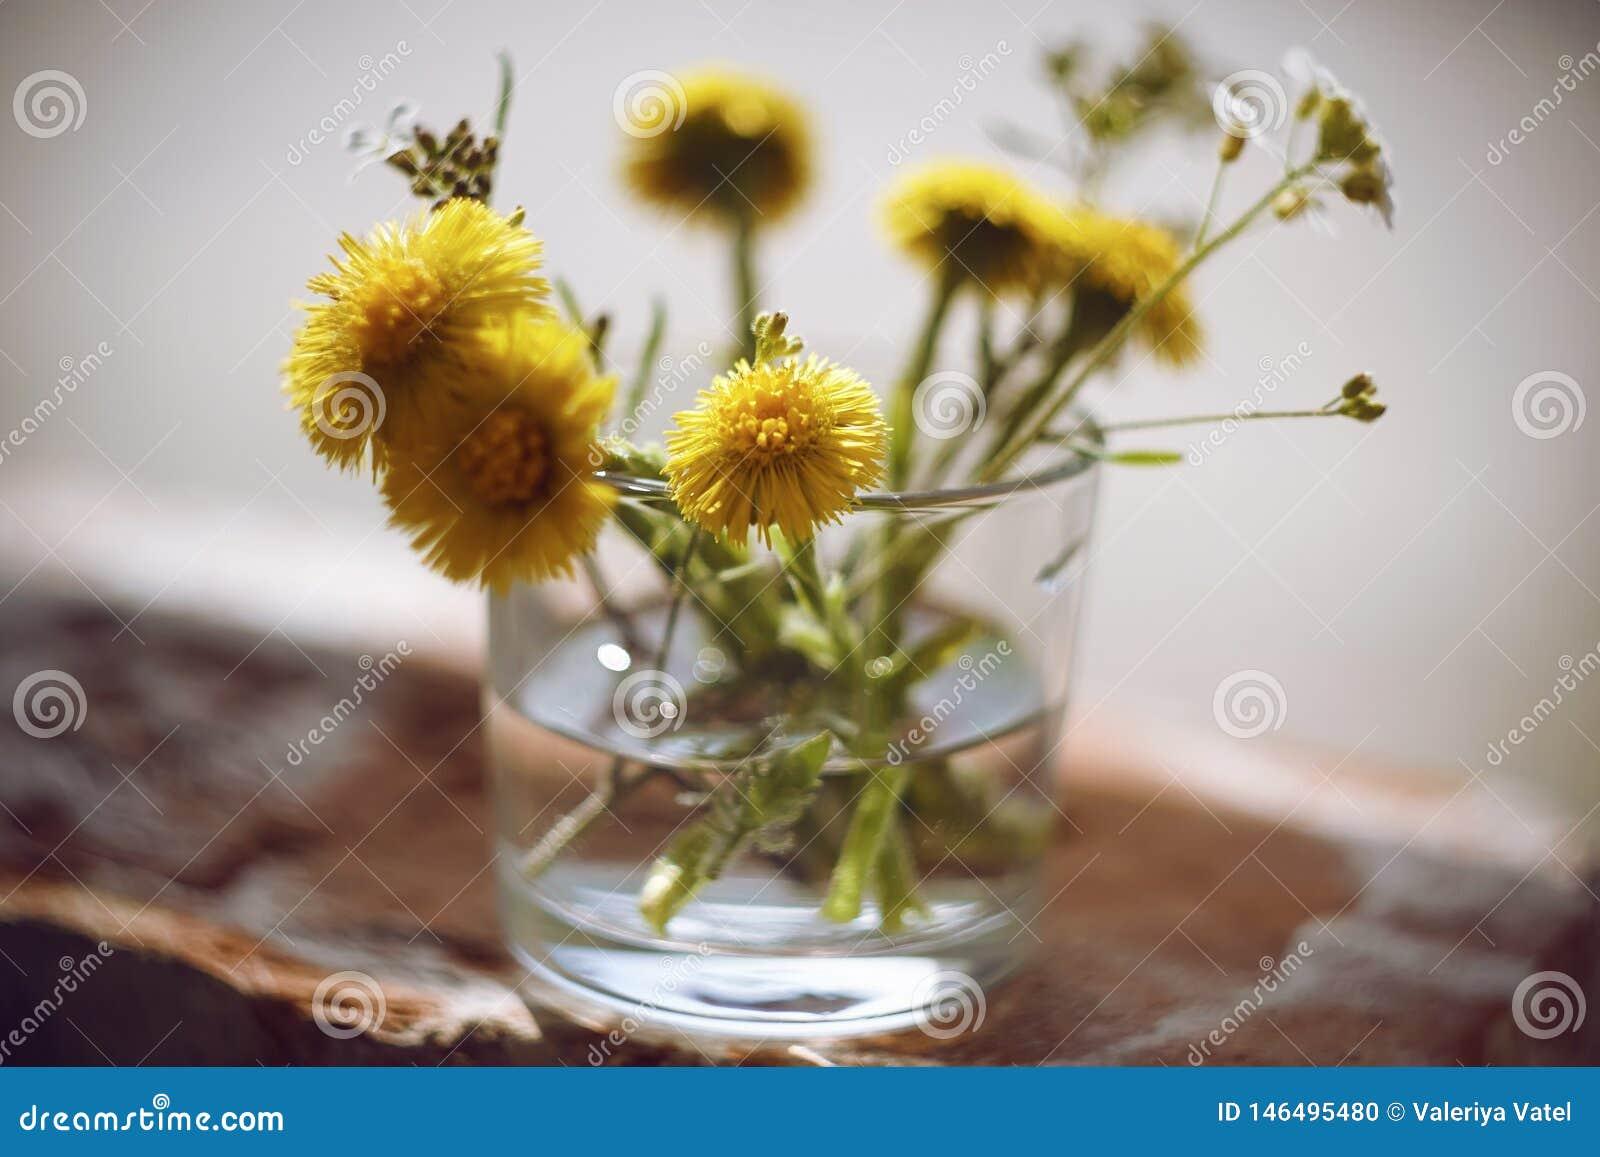 Gula och vita blommor är i en vas med vatten